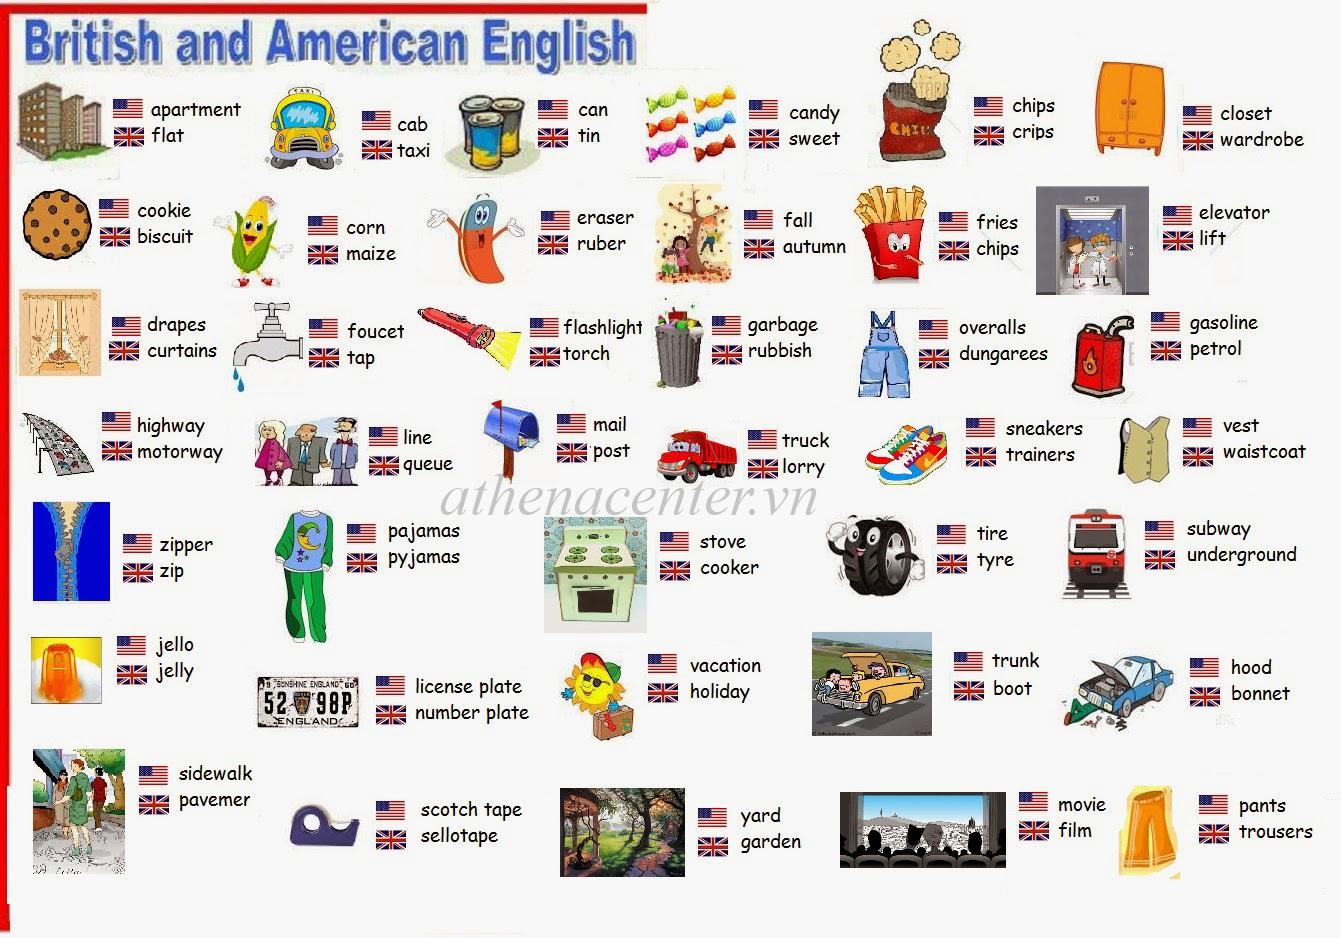 Sự Khác biệt giữa Anh Anh & Anh Mỹ